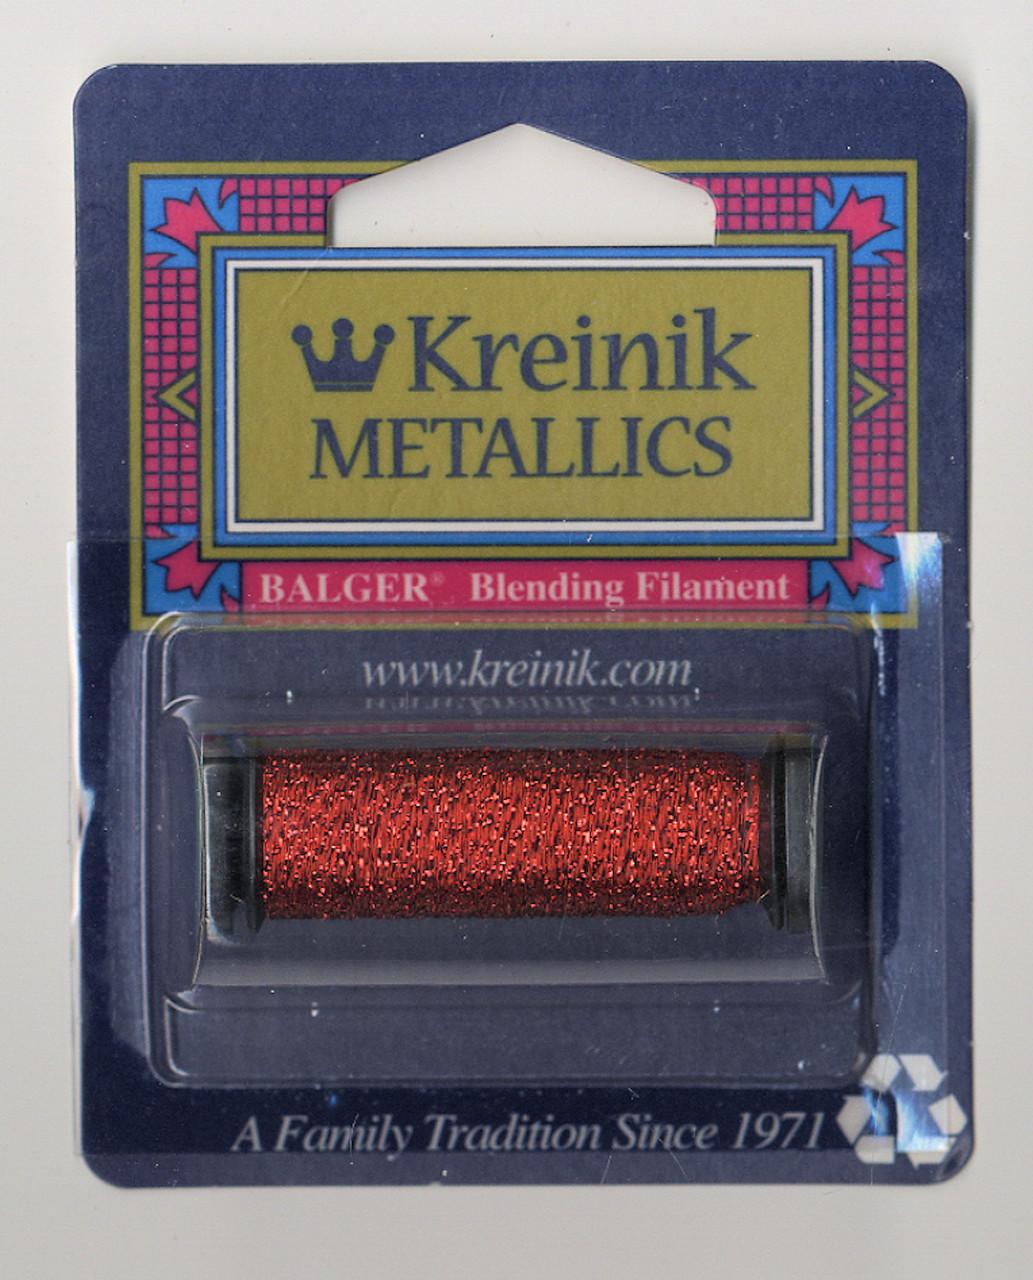 Kreinik Metallics Blending Filament - Red #003